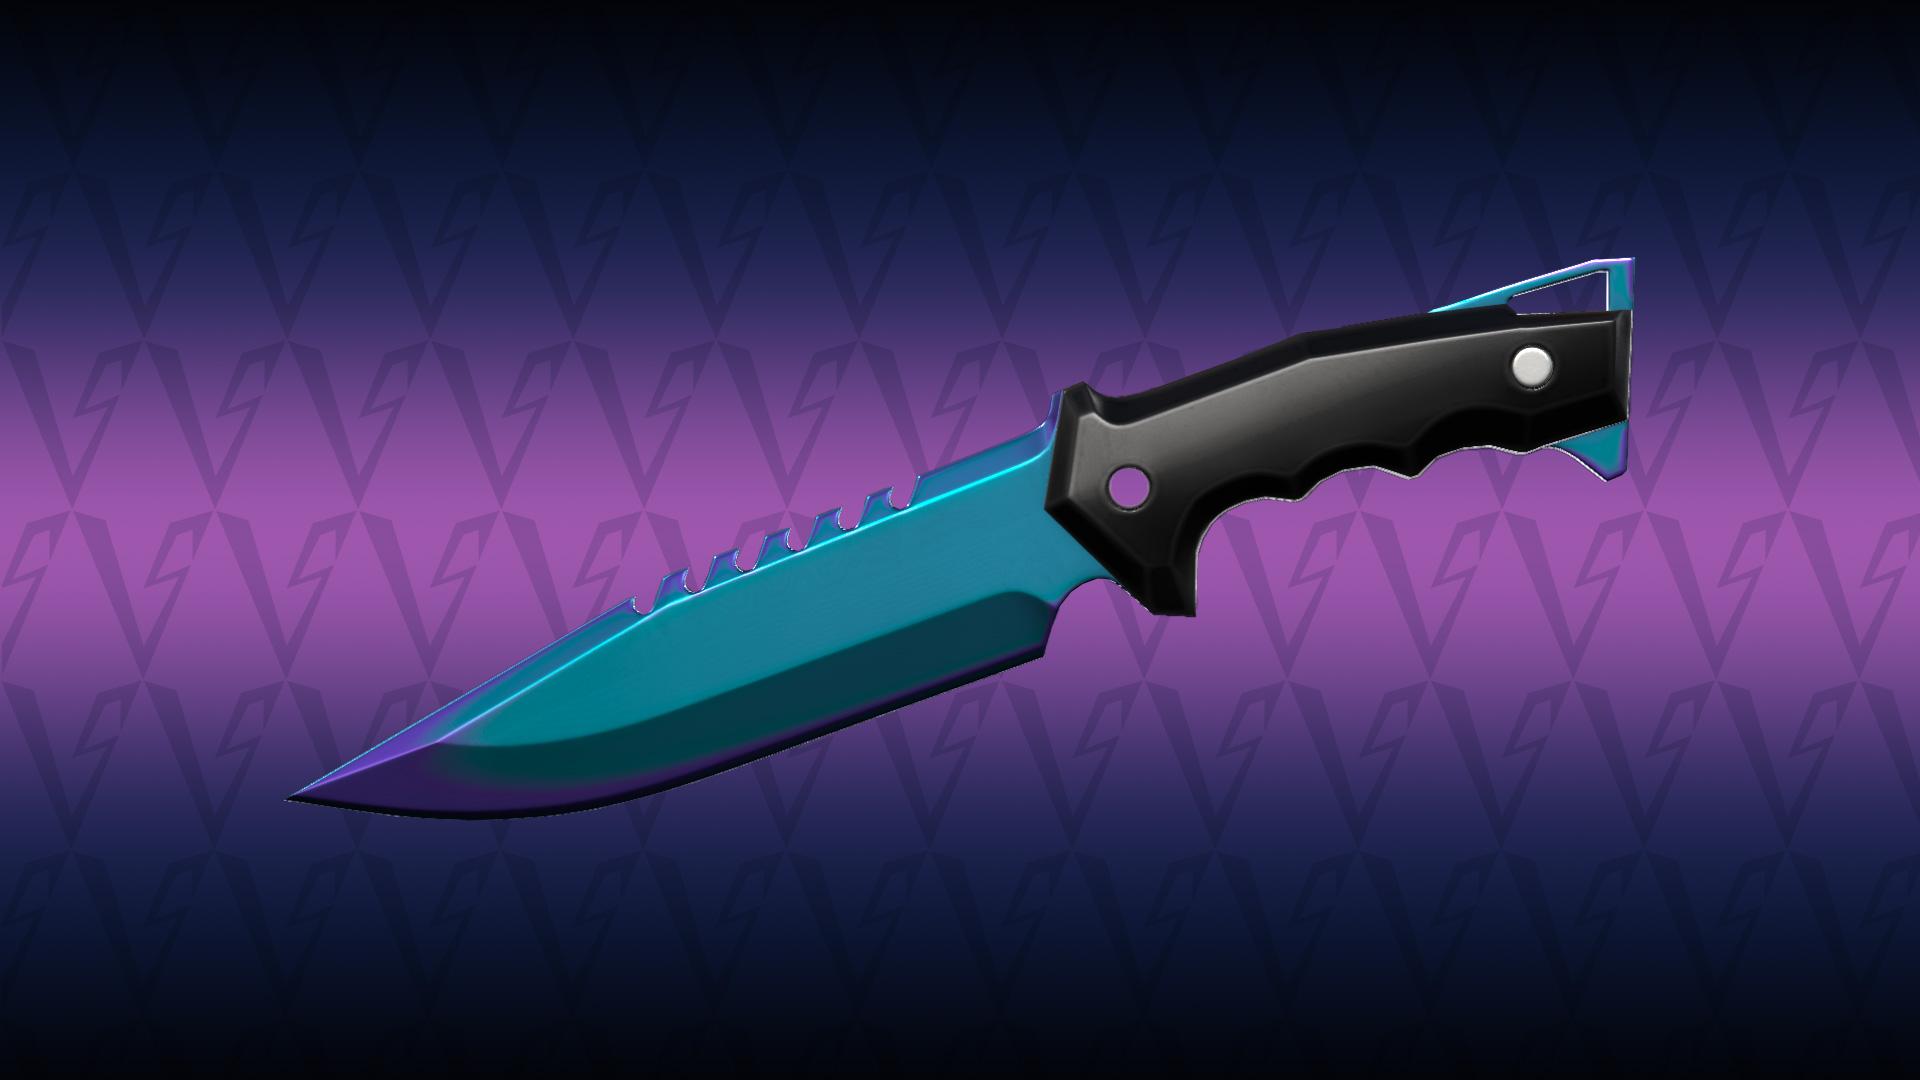 valorant prism knife